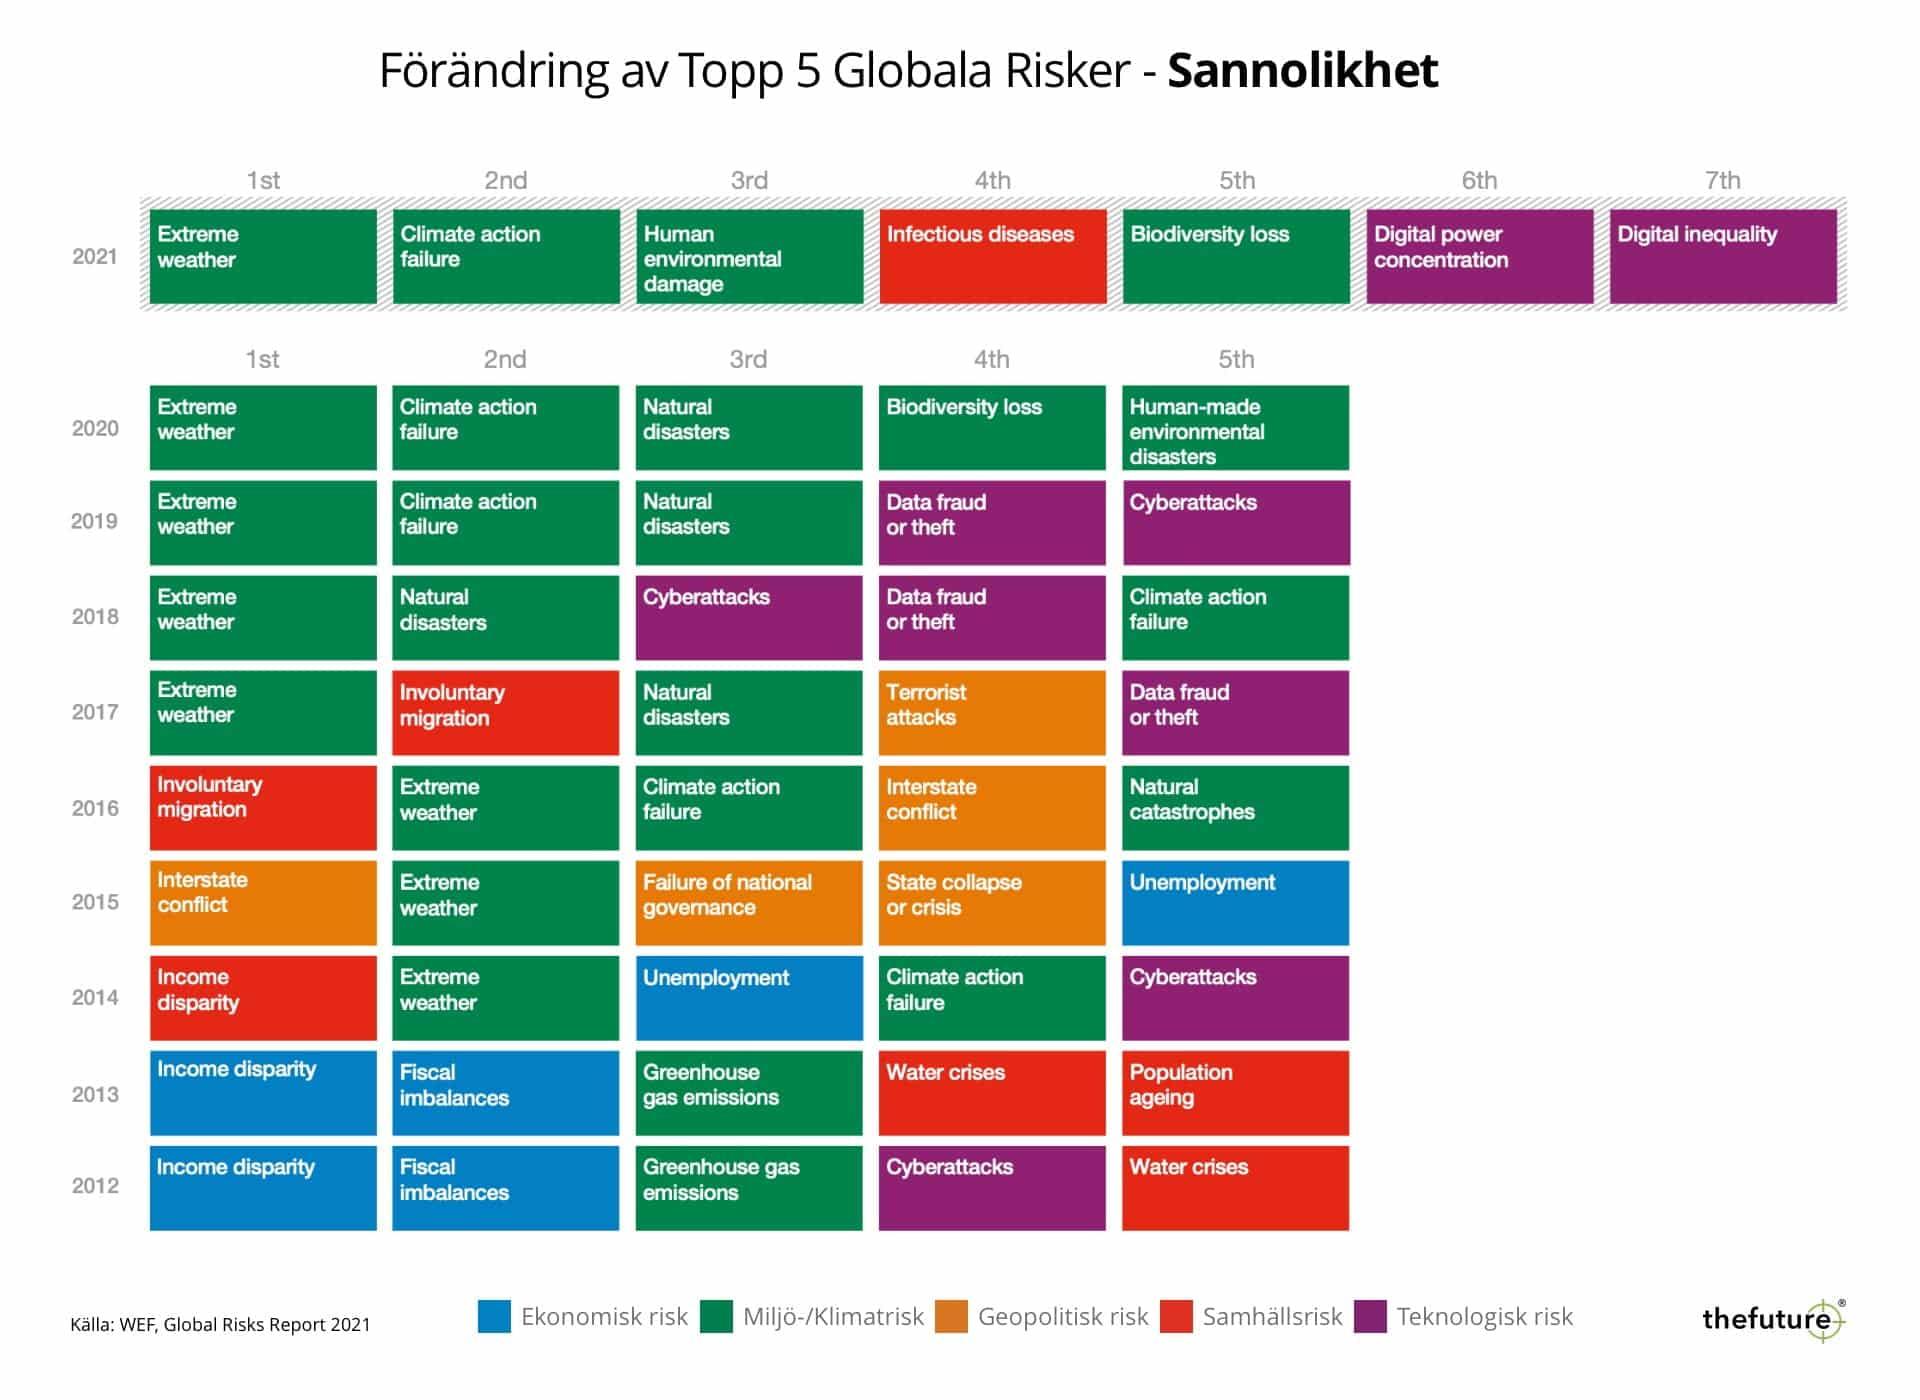 thefuture, resurs, Topp-5-Risker-Förändring-Sannolikhet-2021